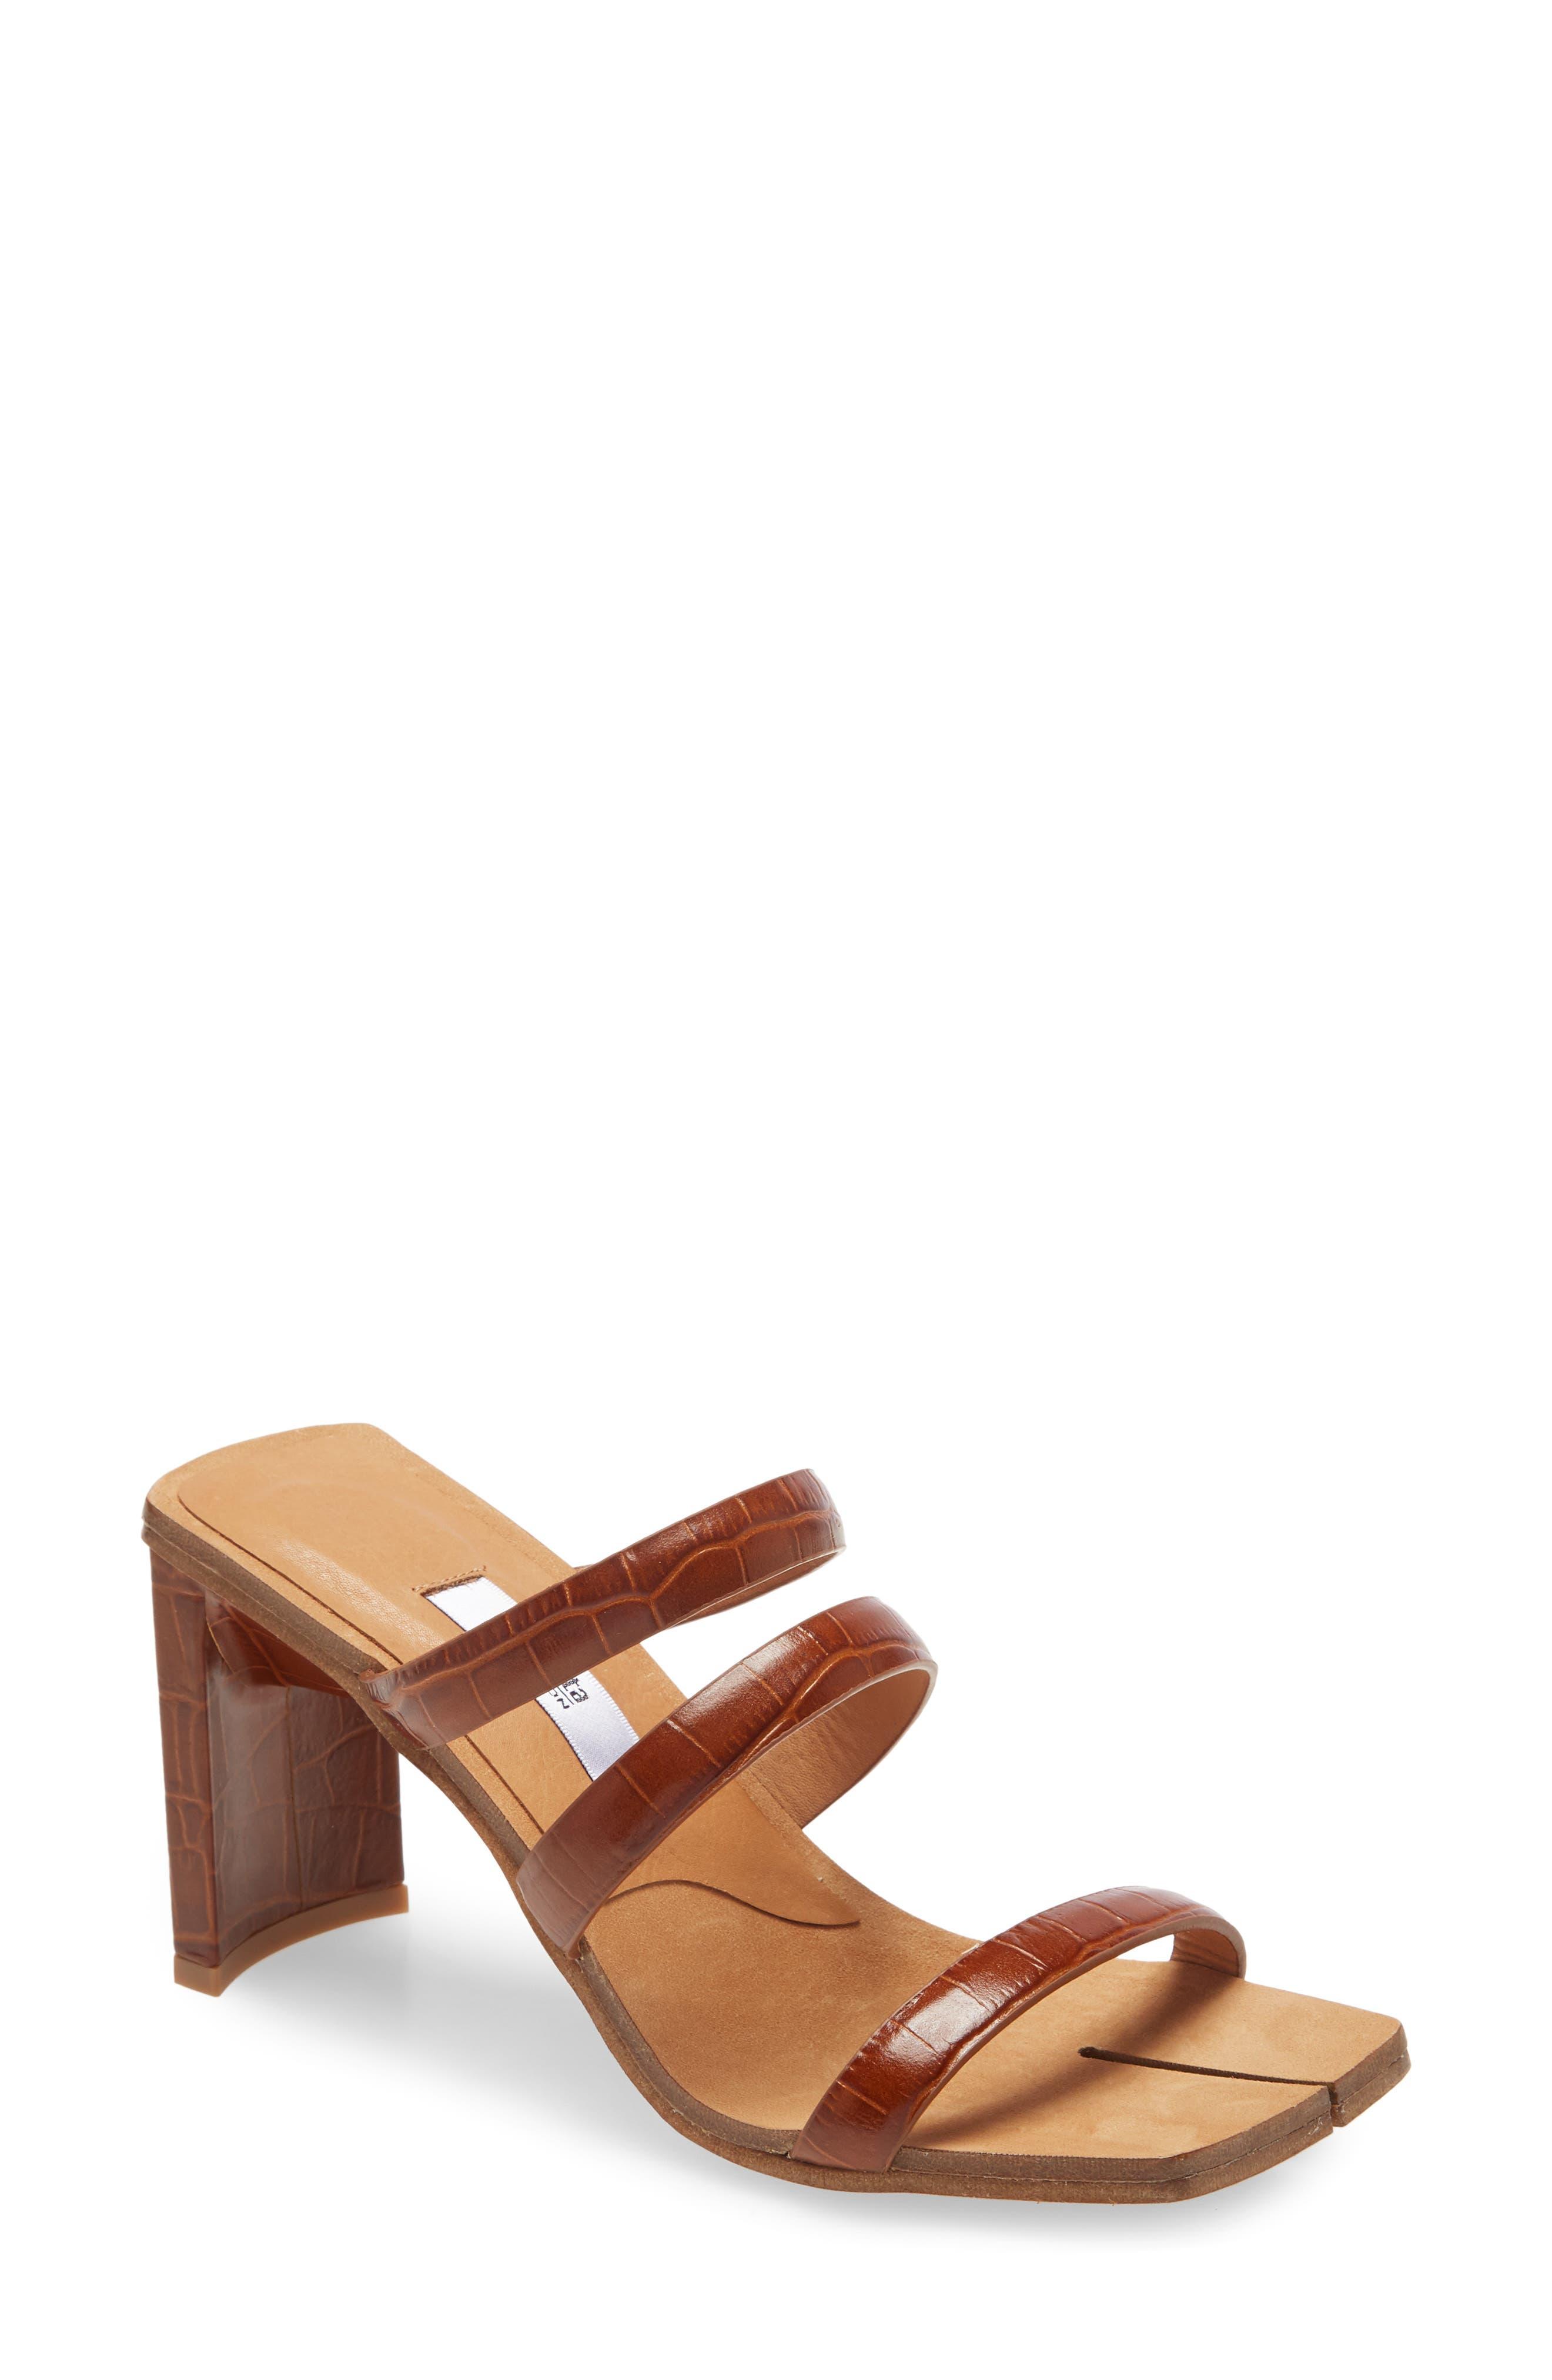 Women's Brown Miista Shoes | Nordstrom